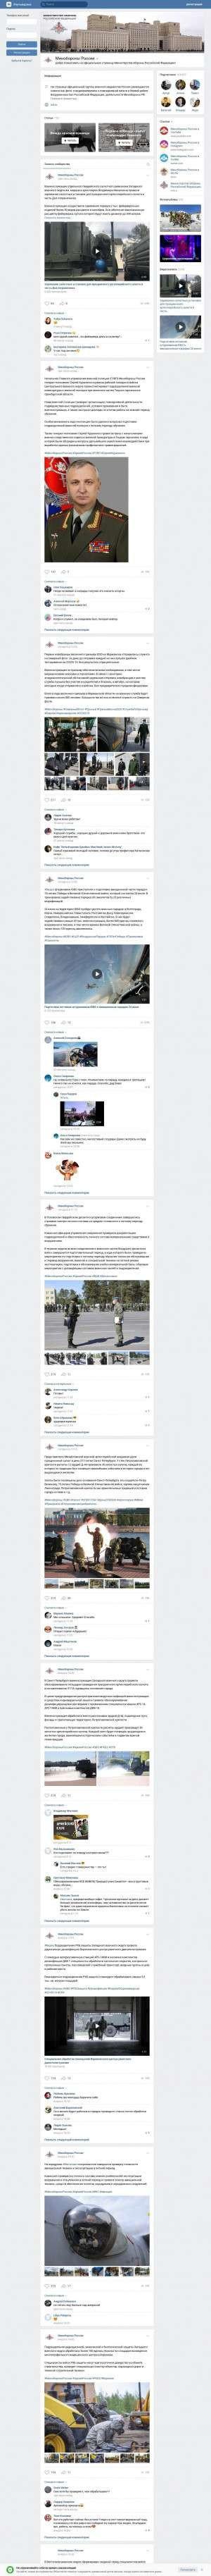 Предпросмотр для vk.com — МО РФ Военный комиссариат города Владикавказ РСО-Алания